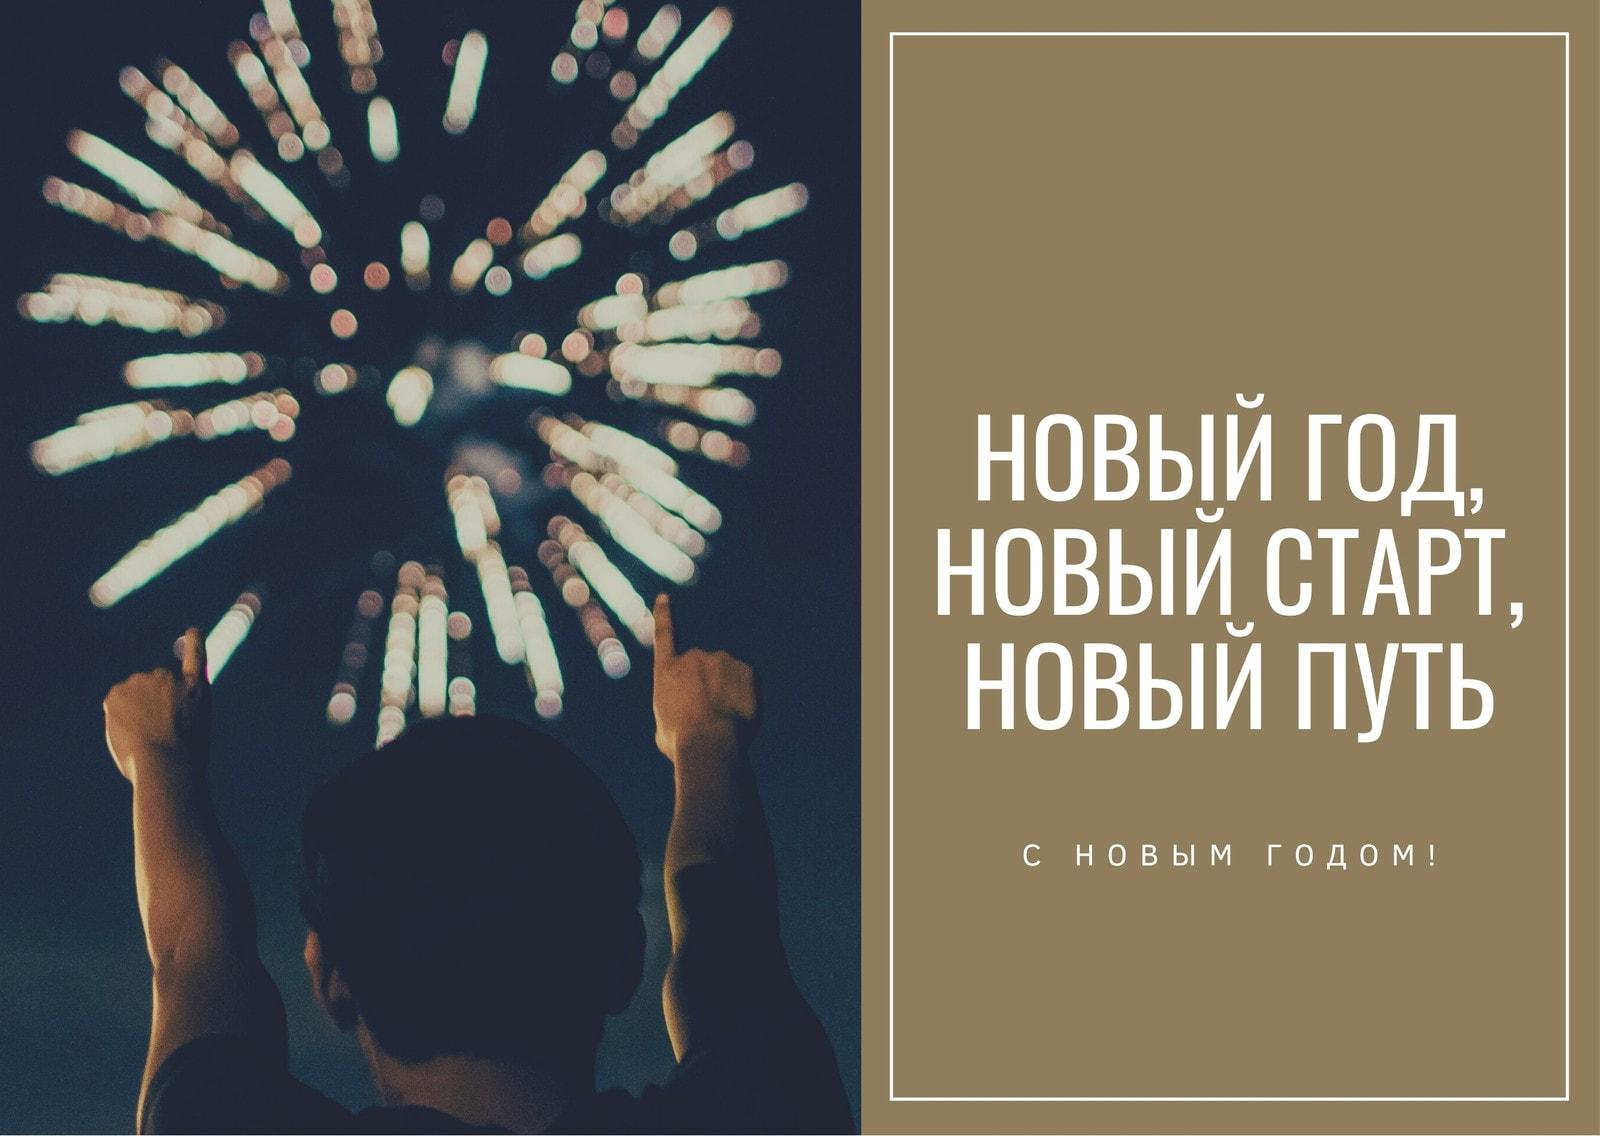 Синий и Коричневый Фотография Новый Год Открытка